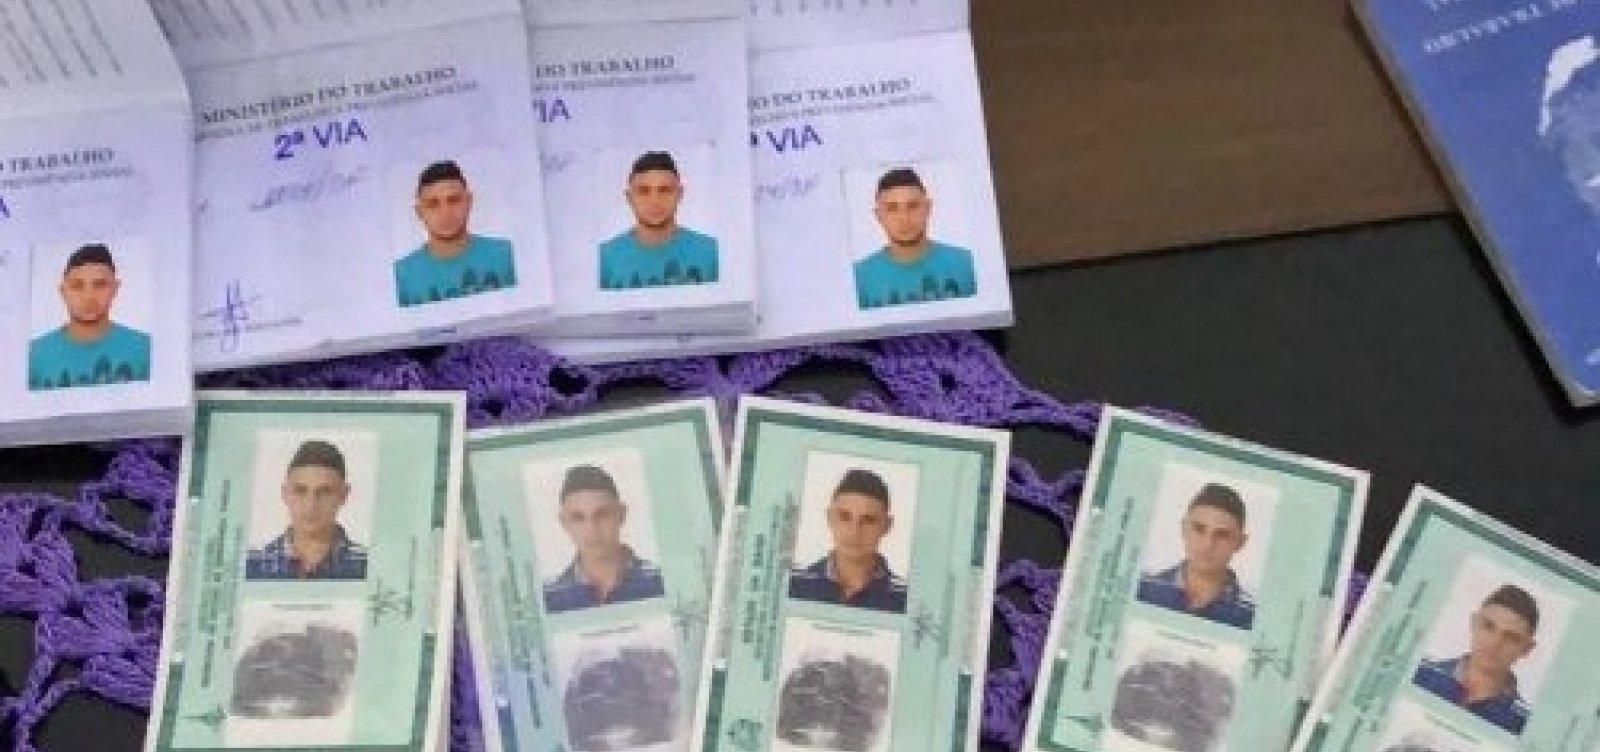 [PF realiza operação contra fraudes no seguro-desemprego na Bahia e em dois estados]